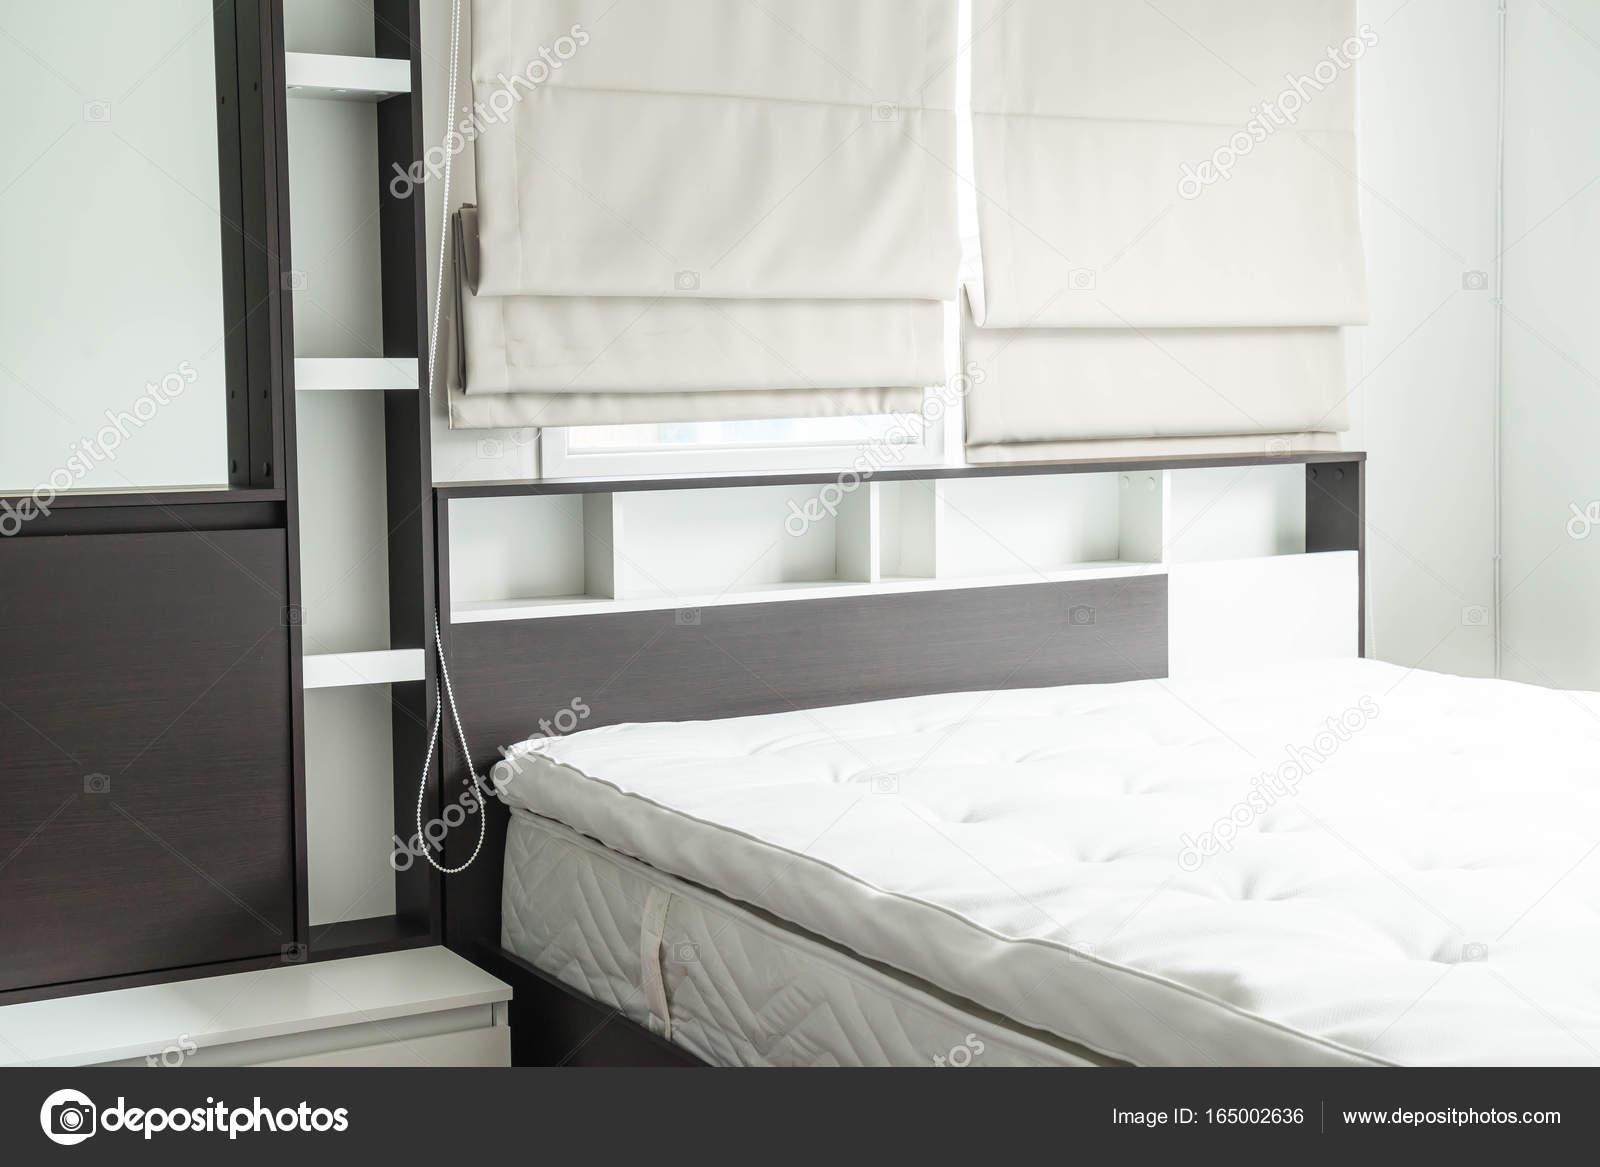 letto con mensola in legno decorazione di interni — Foto Stock ...